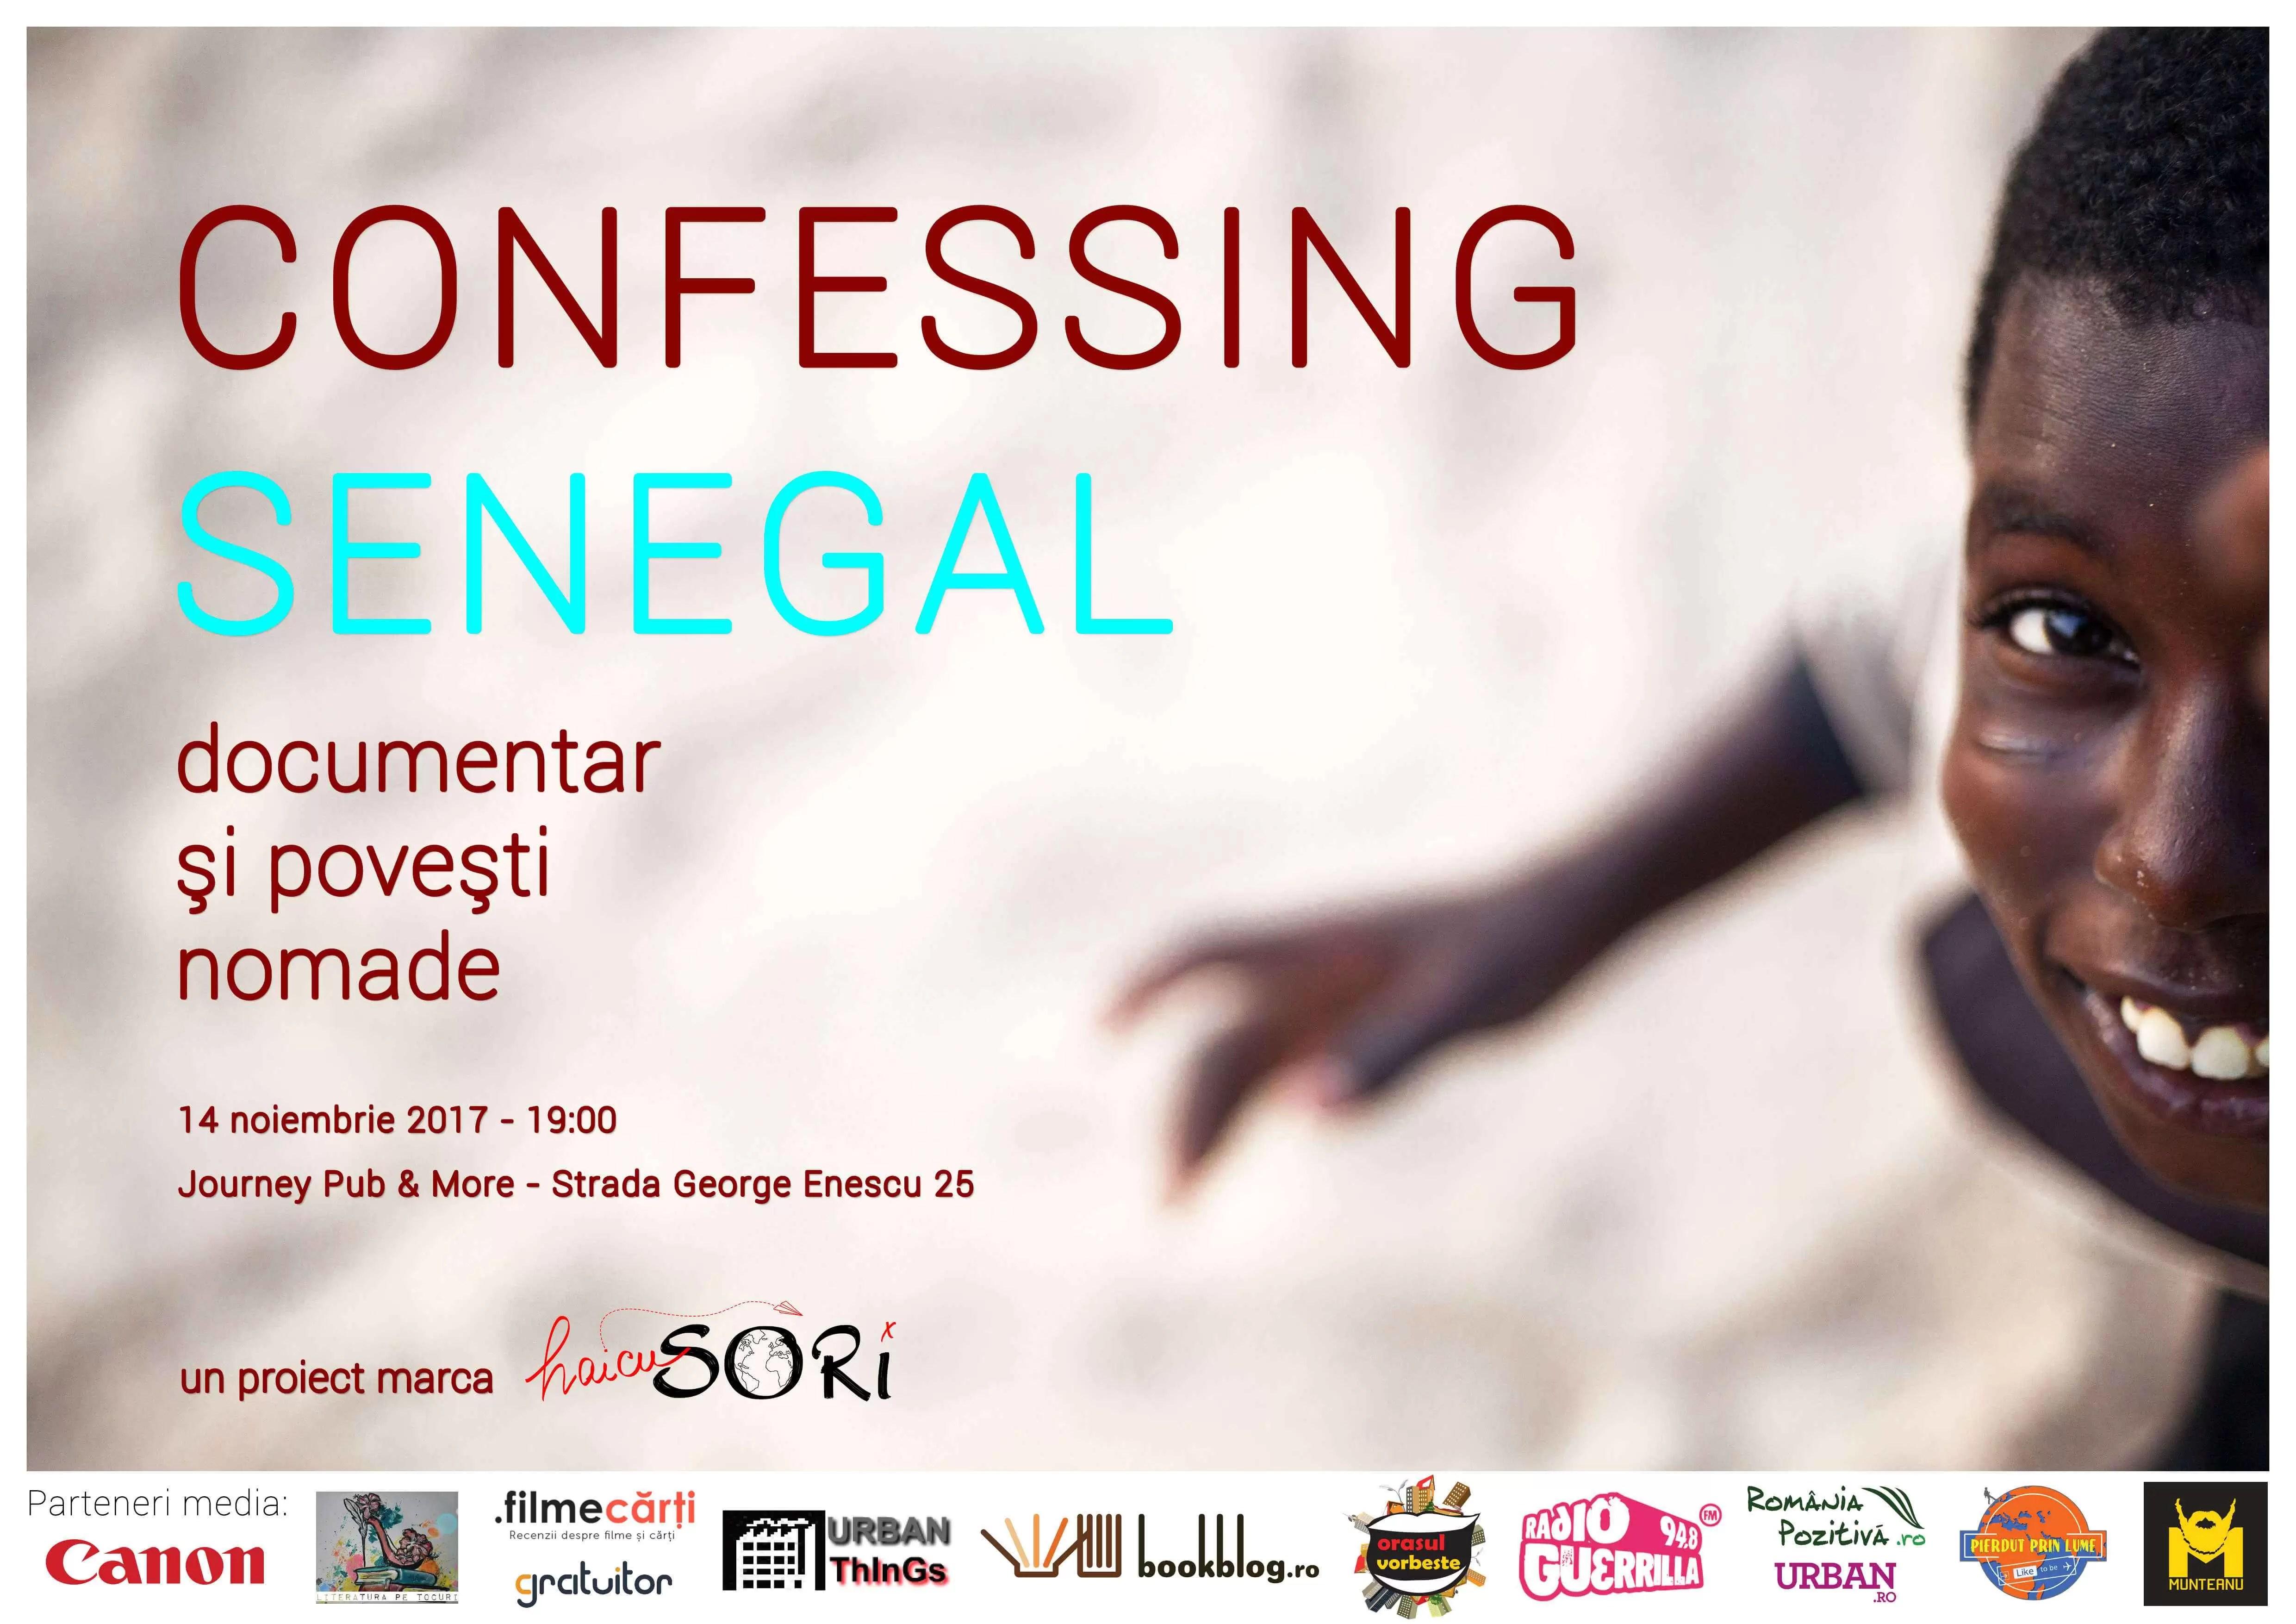 Confessing Senegal